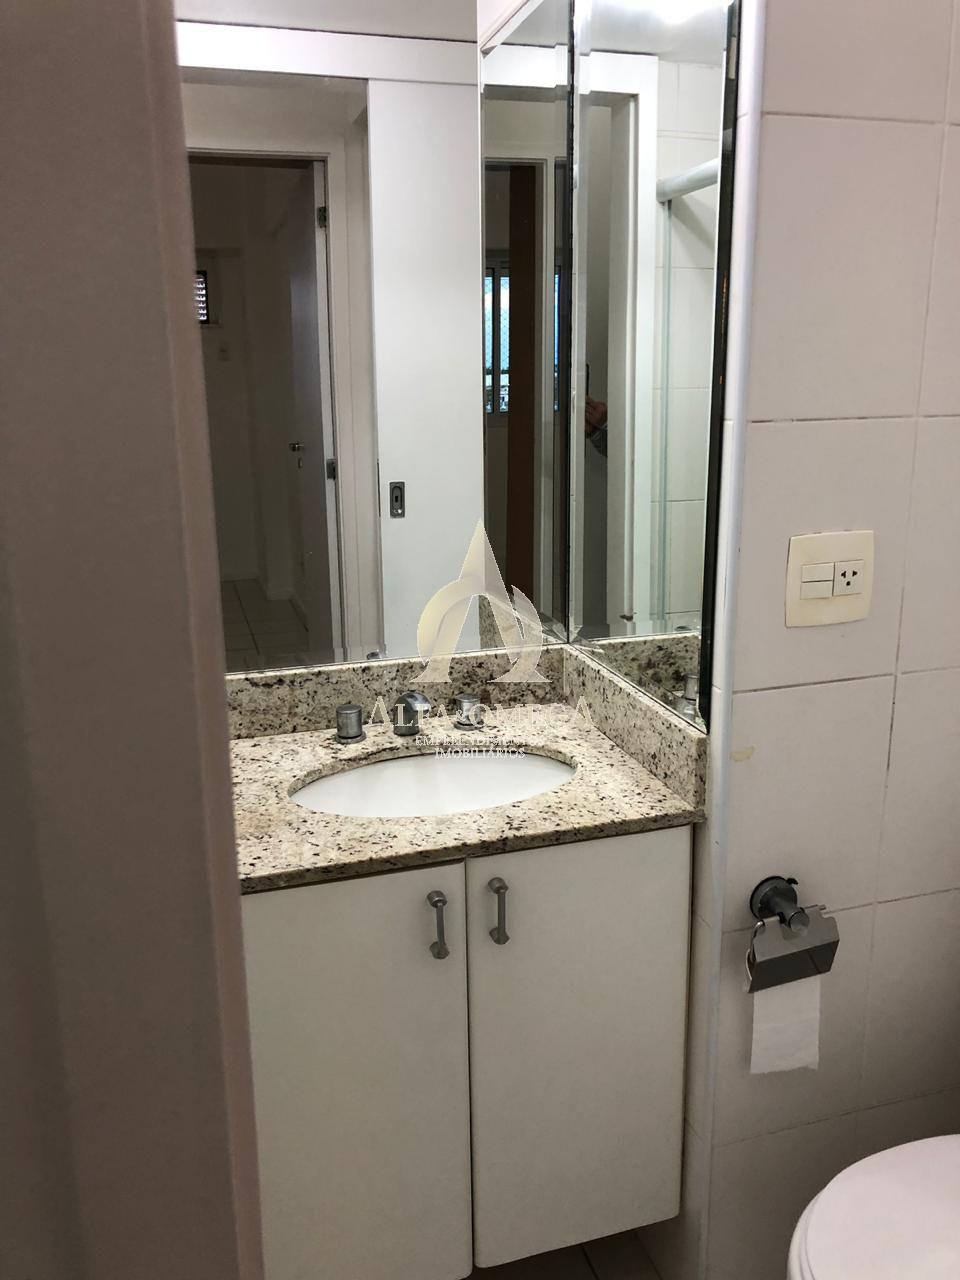 FOTO 13 - Apartamento Barra da Tijuca, Rio de Janeiro, RJ Para Alugar, 2 Quartos, 69m² - AO20270L - 14